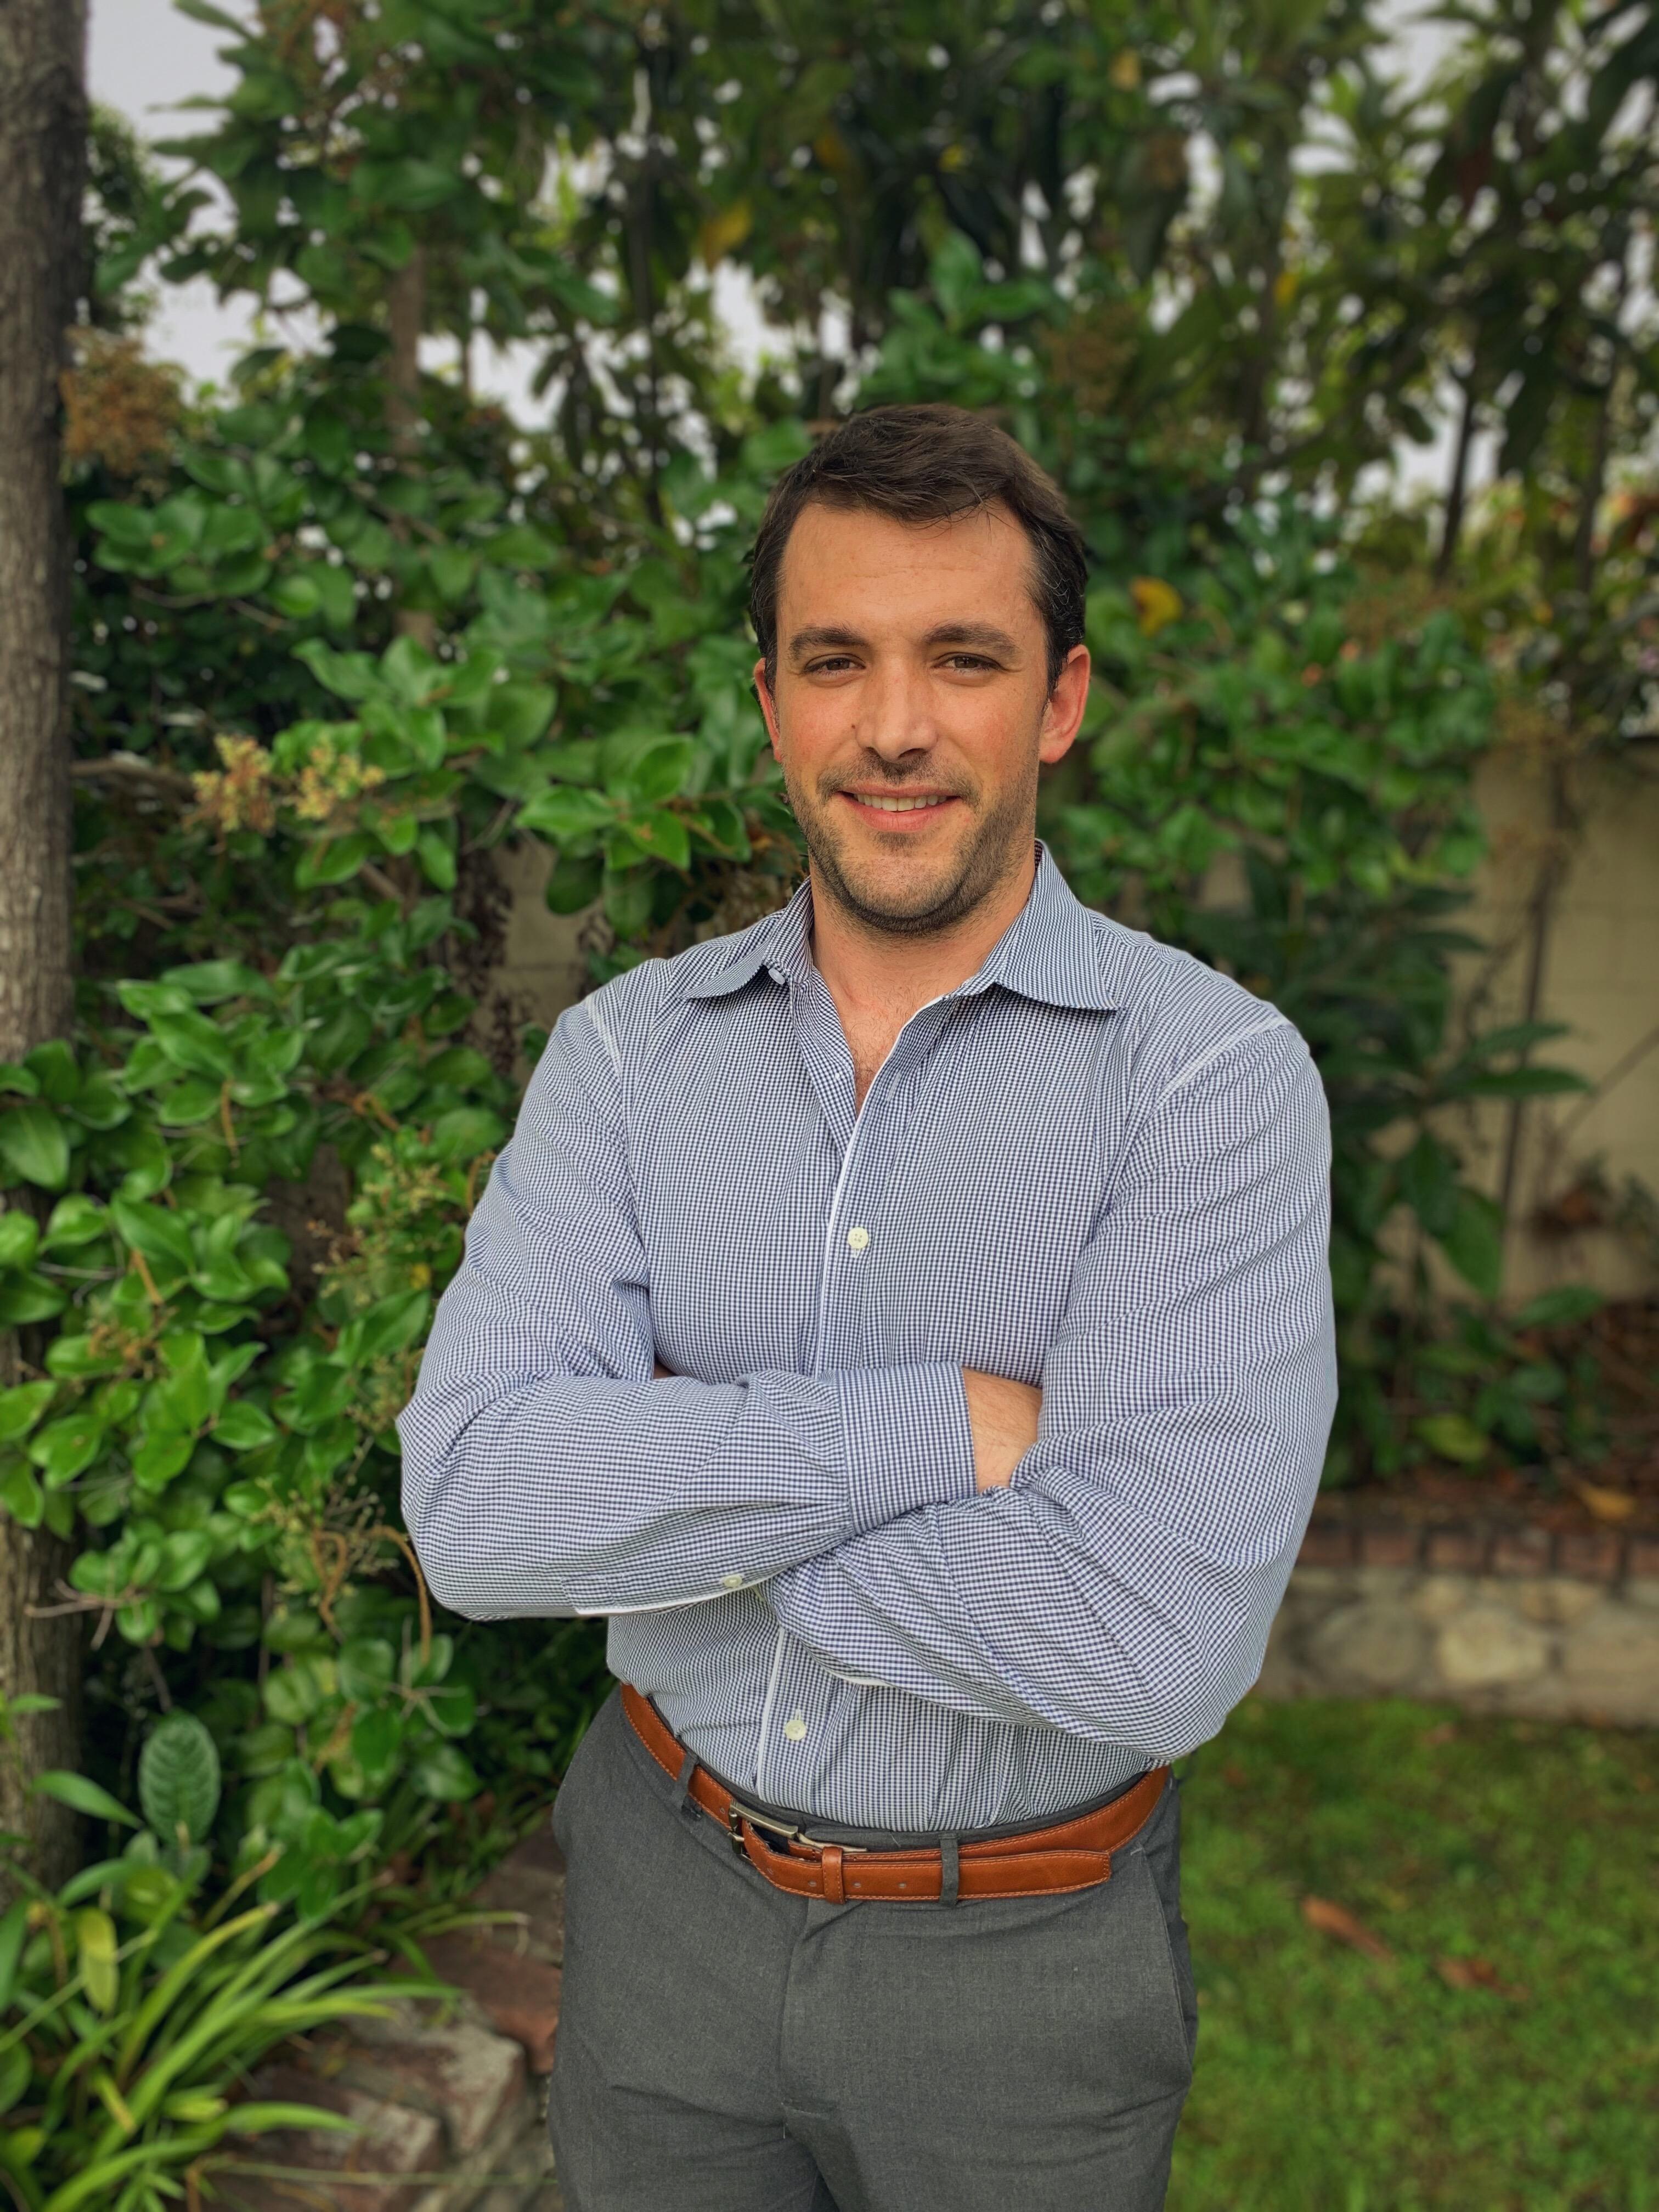 Bryan Fiorito